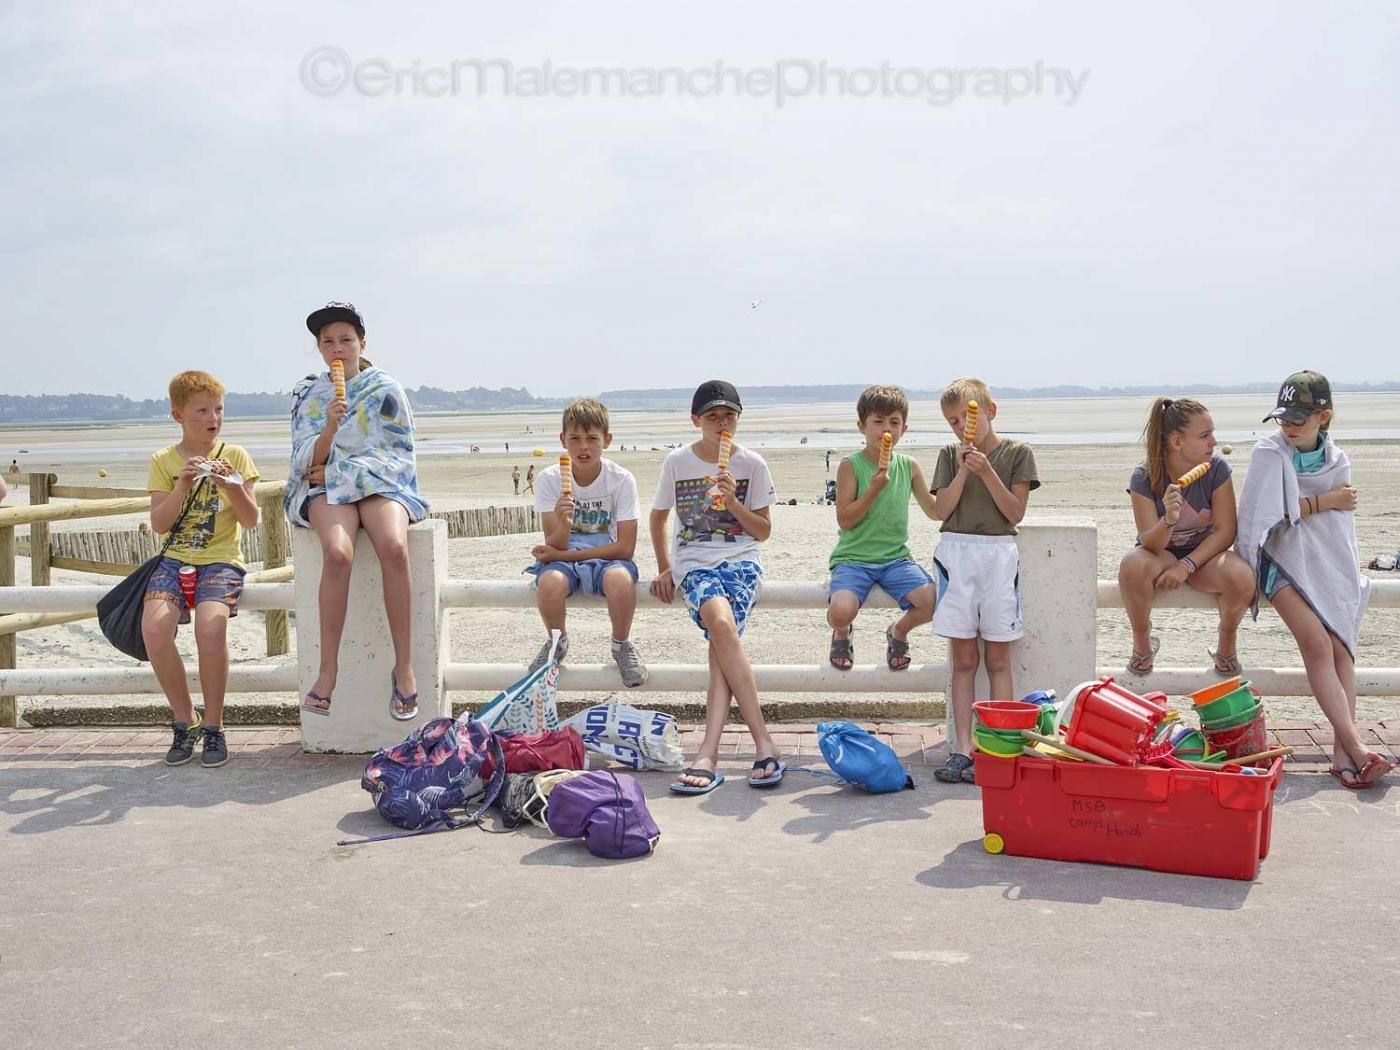 https://www.ericmalemanche.com/imagess/topics/les-conges/liste/colonies-de-vacances.jpg